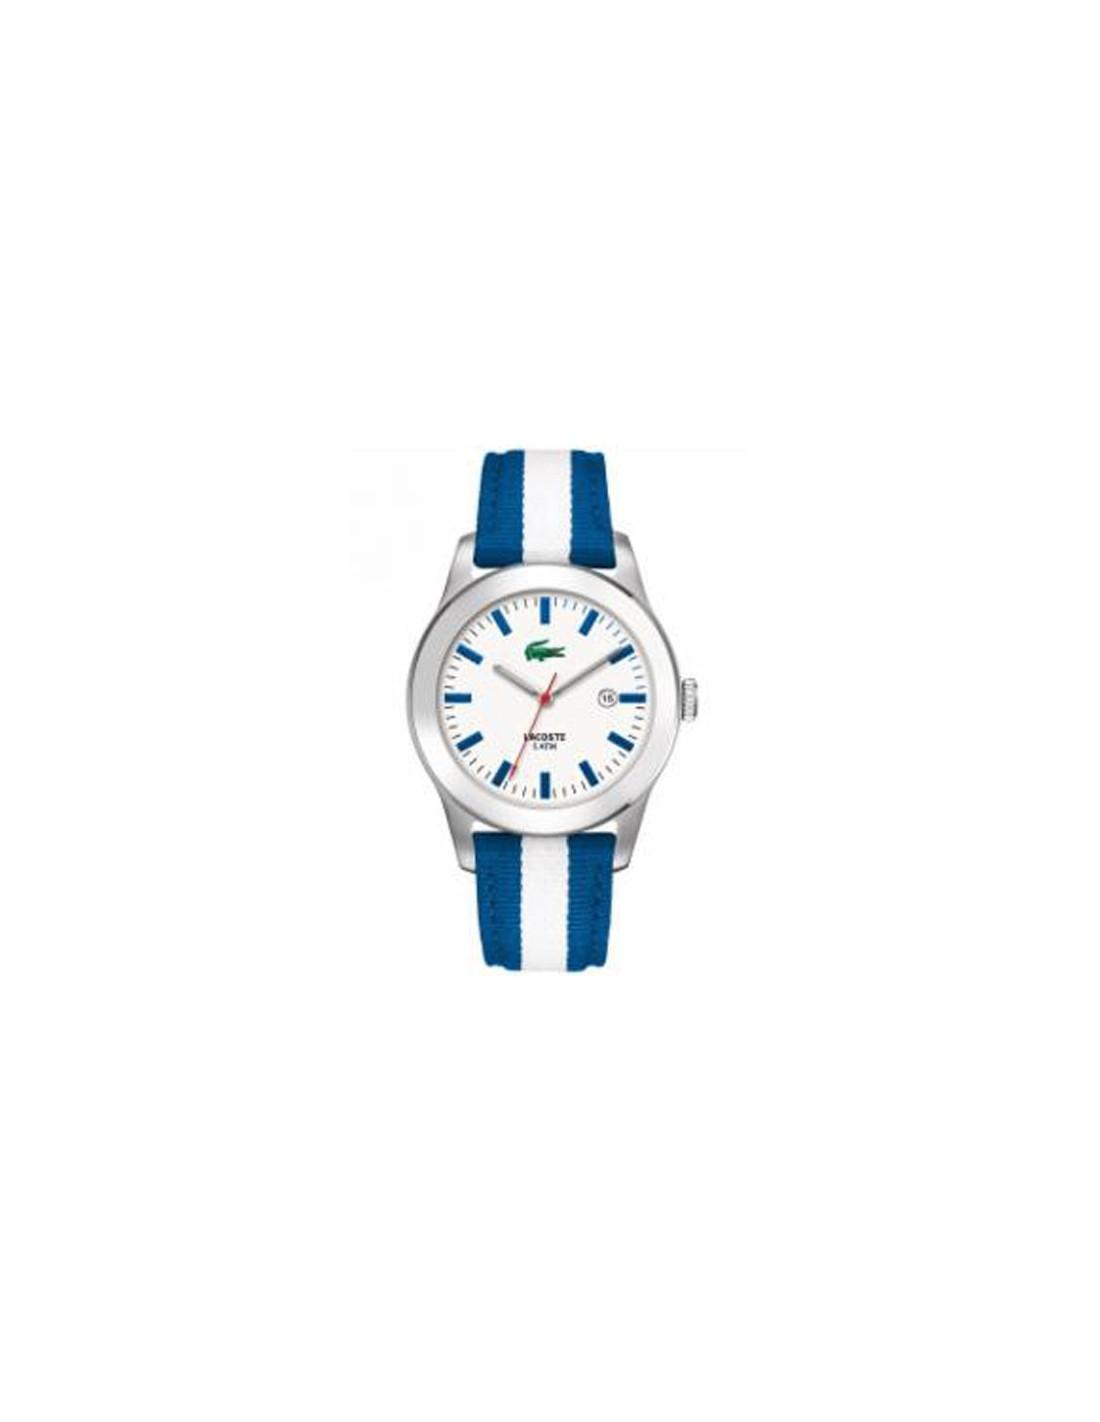 319dbec8a43 Reloj Lacoste 2010500 - Relojes Lacoste